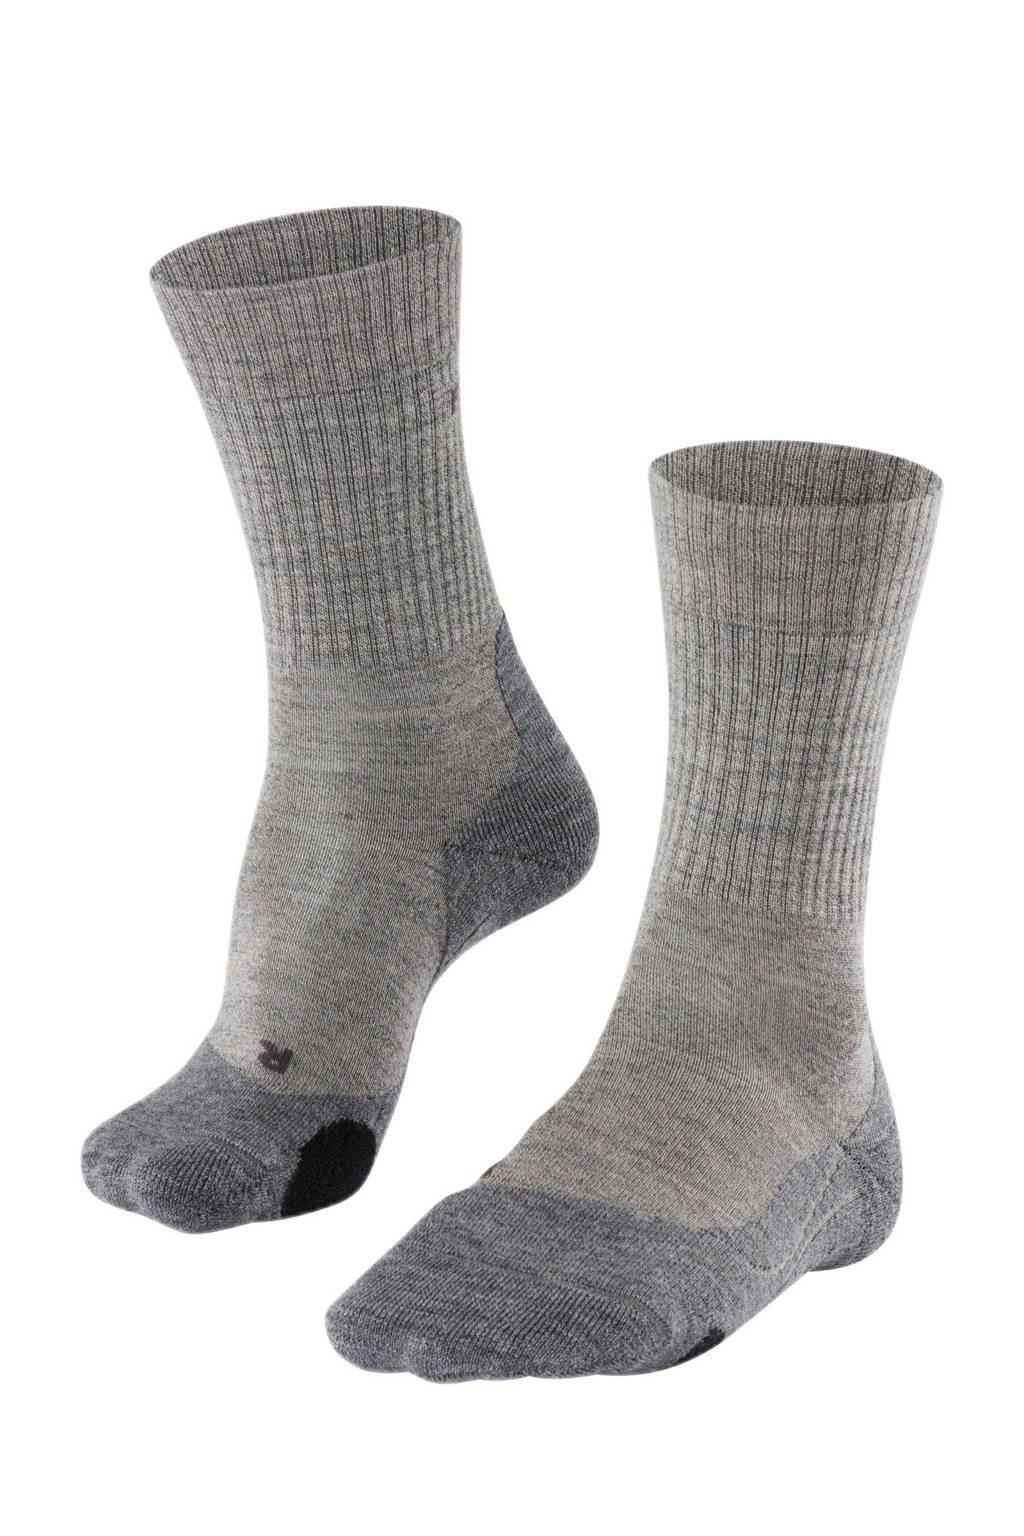 FALKE TK2 Wool wandelsokken, Grijs/zwart